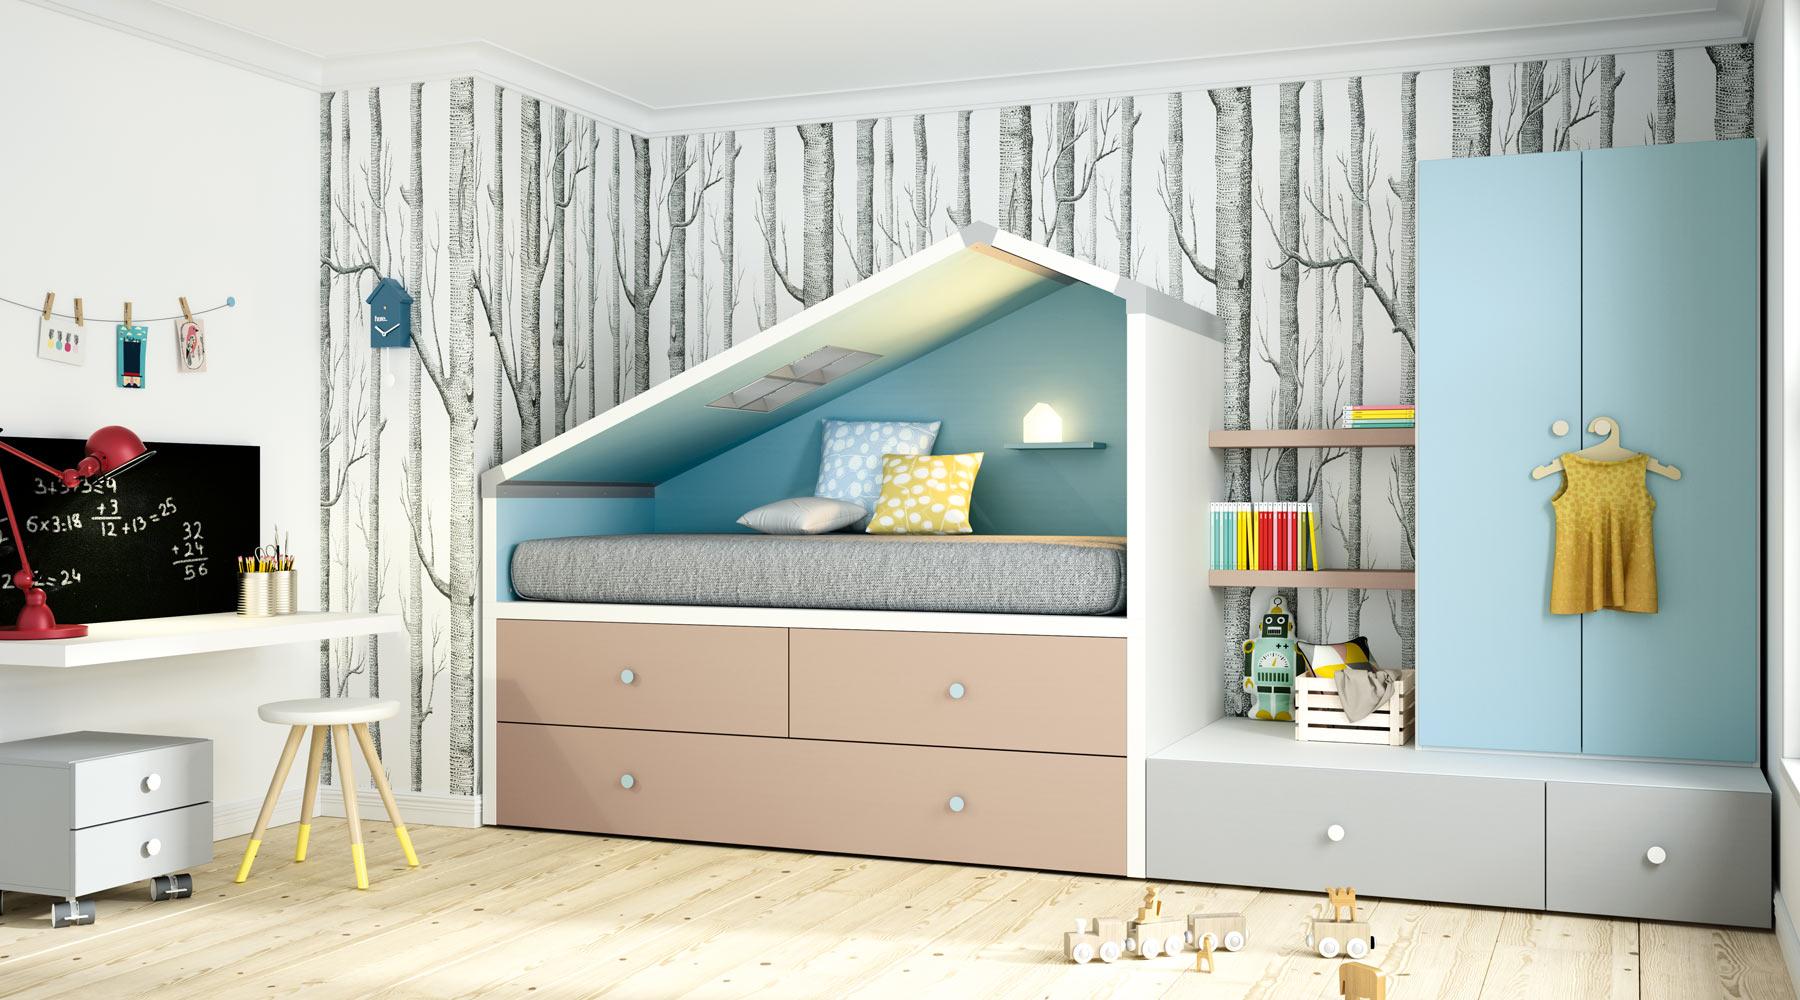 Vaac mobel tienda de muebles y dise o en pamplona navarra - Dormitorios juveniles pamplona ...